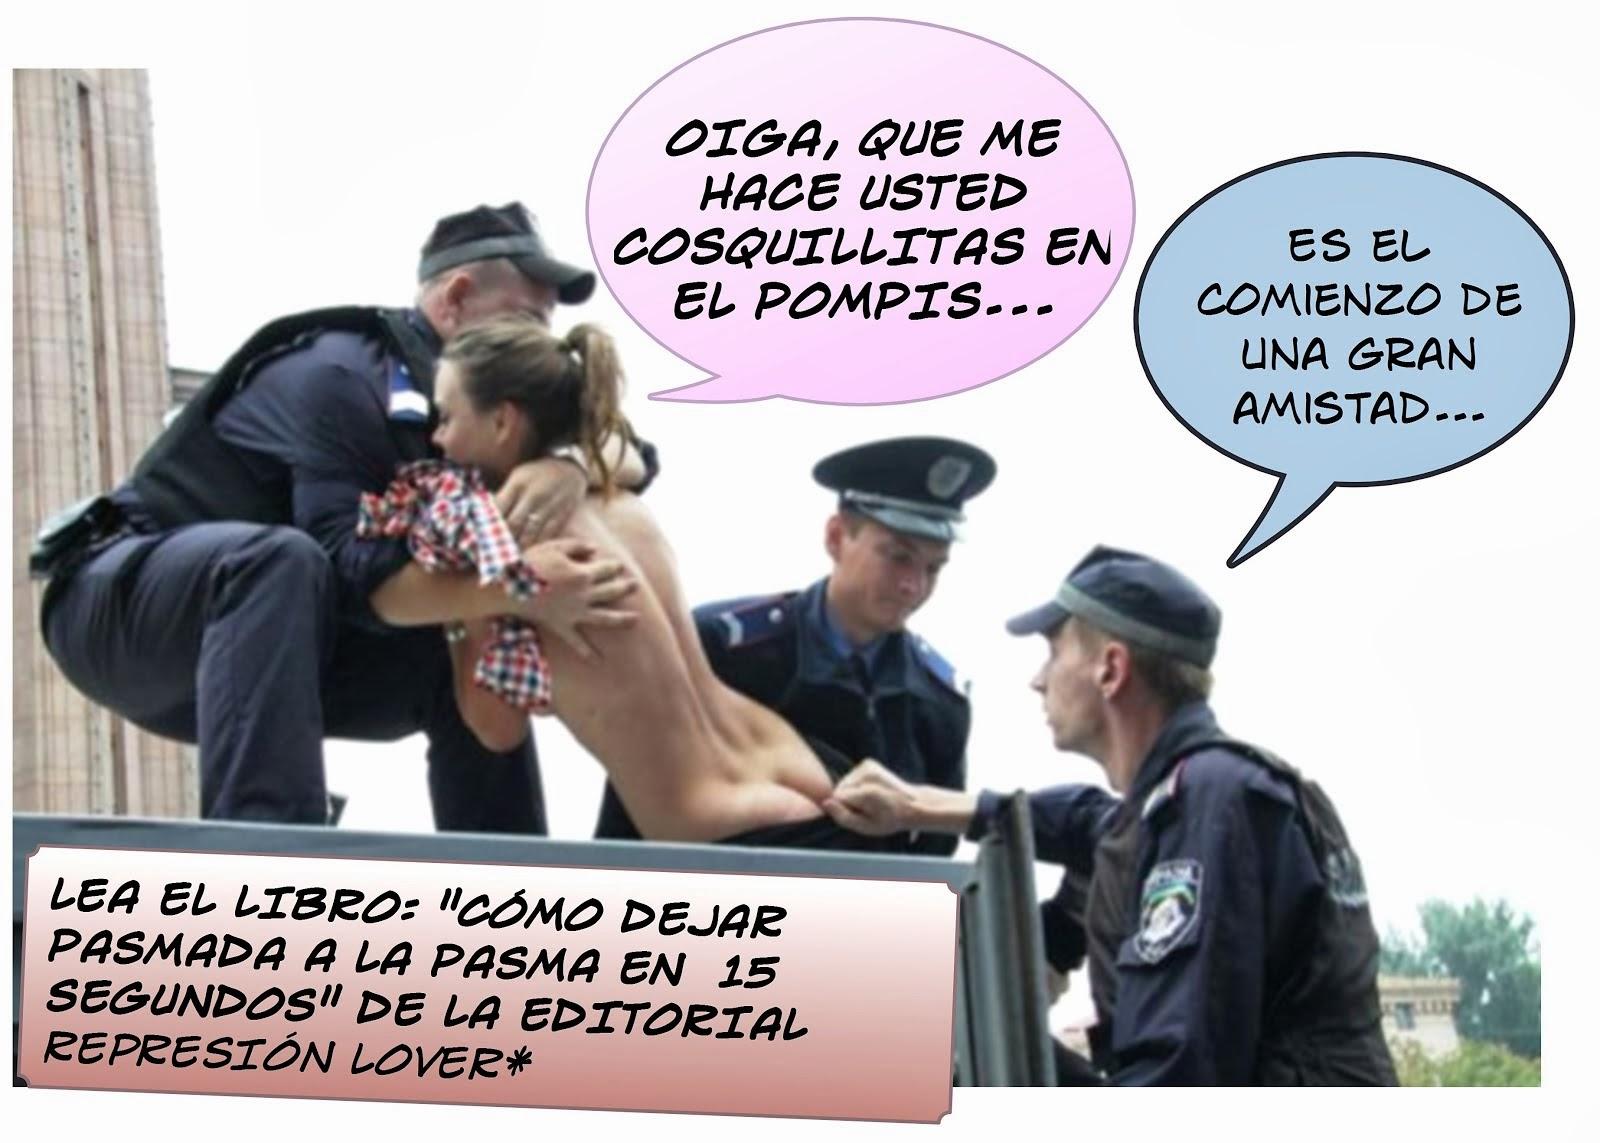 """Serie """"Represión Lover""""..."""